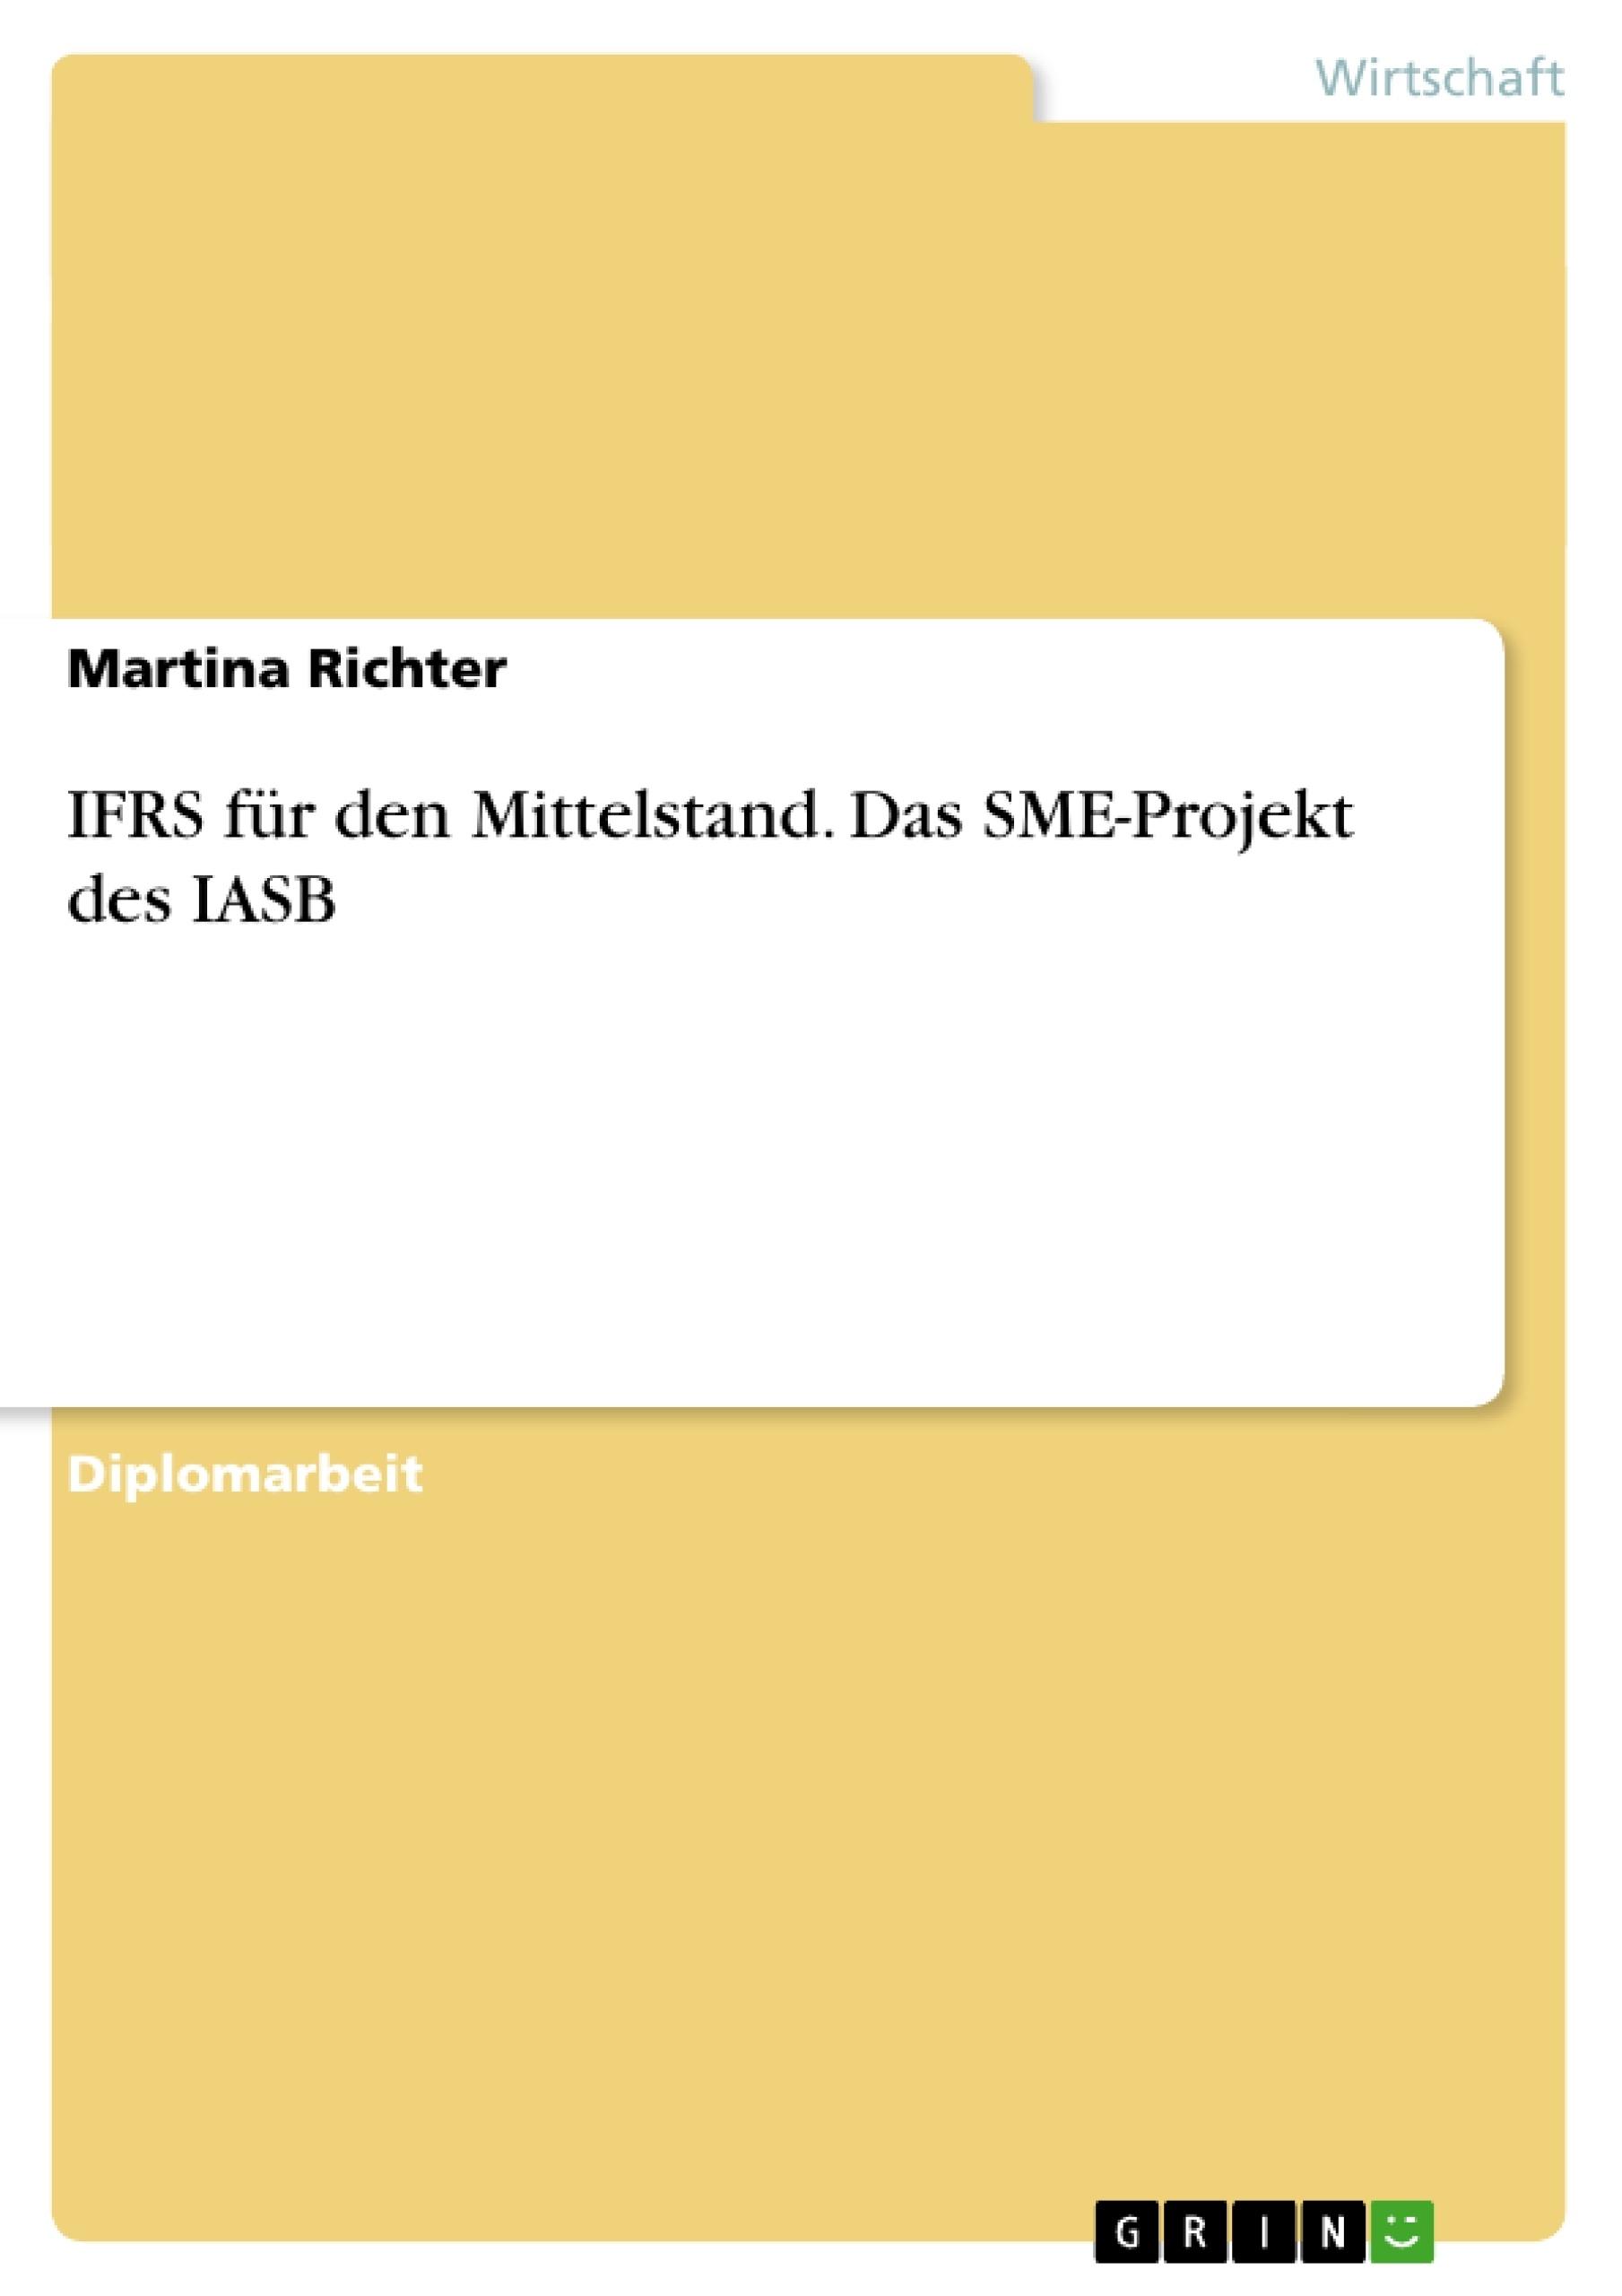 Titel: IFRS für den Mittelstand. Das SME-Projekt des IASB